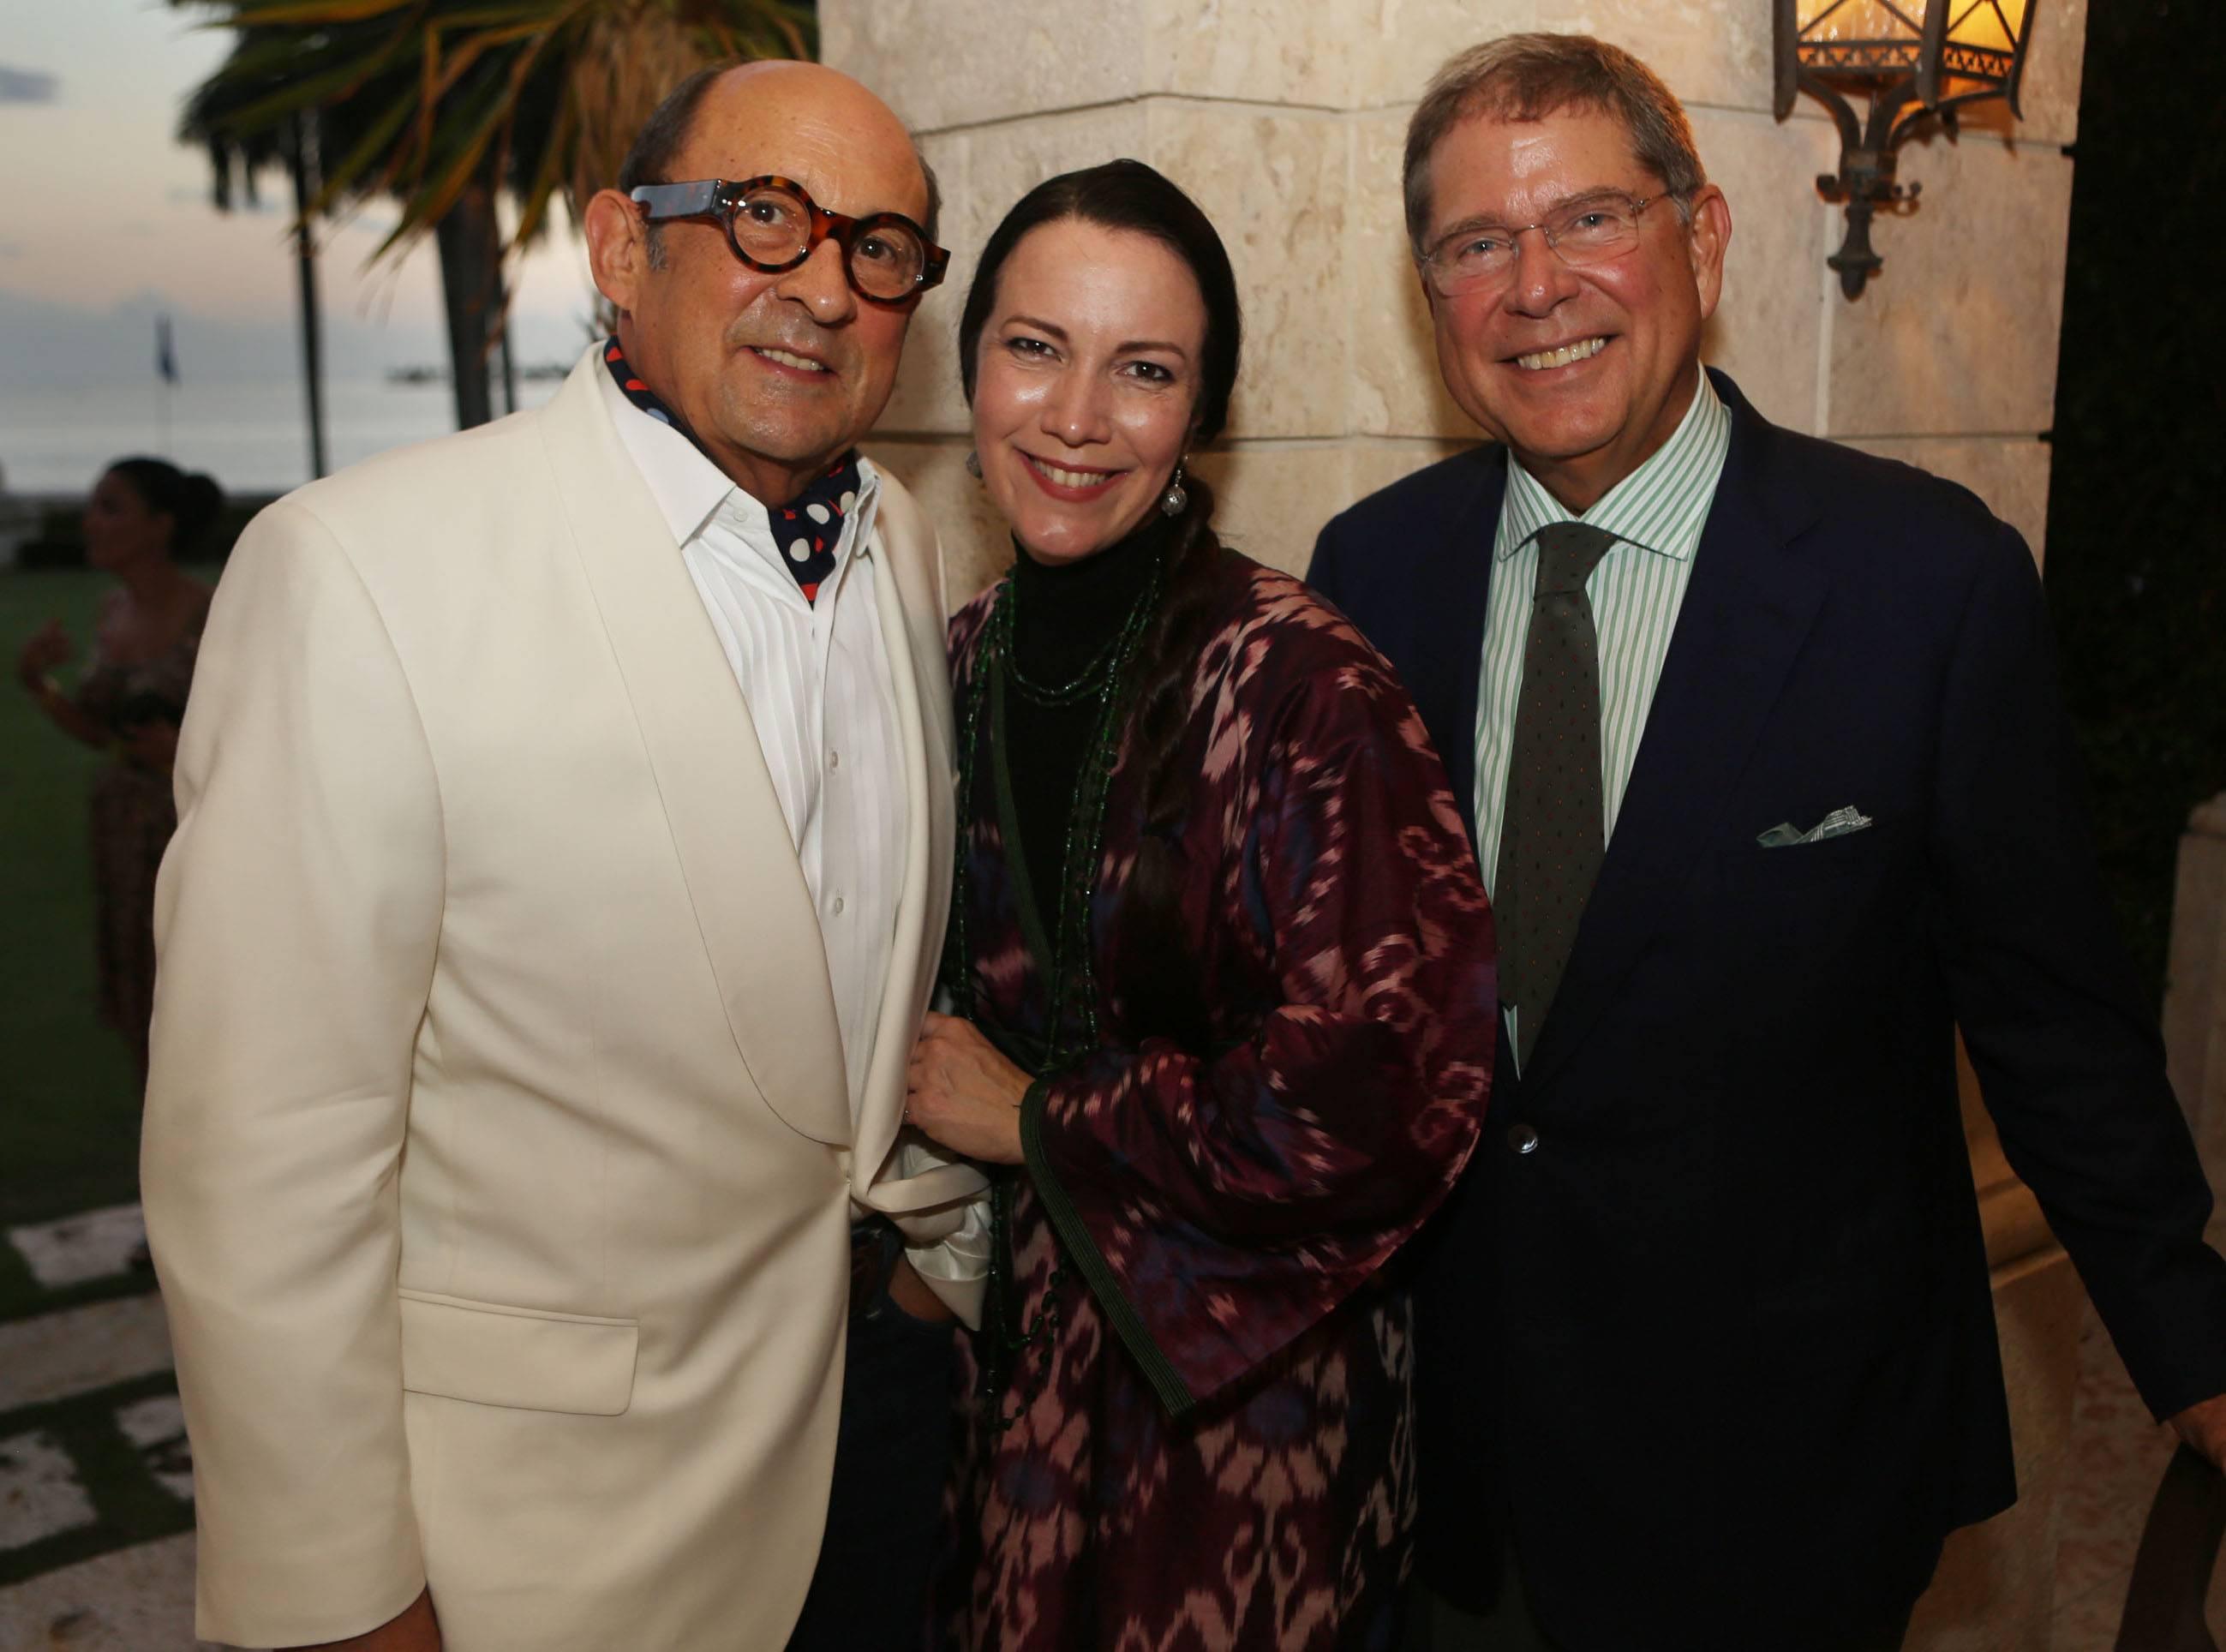 Marvin Ross Friedman, Adrienne bon Haes, & Alberto Ibarguen